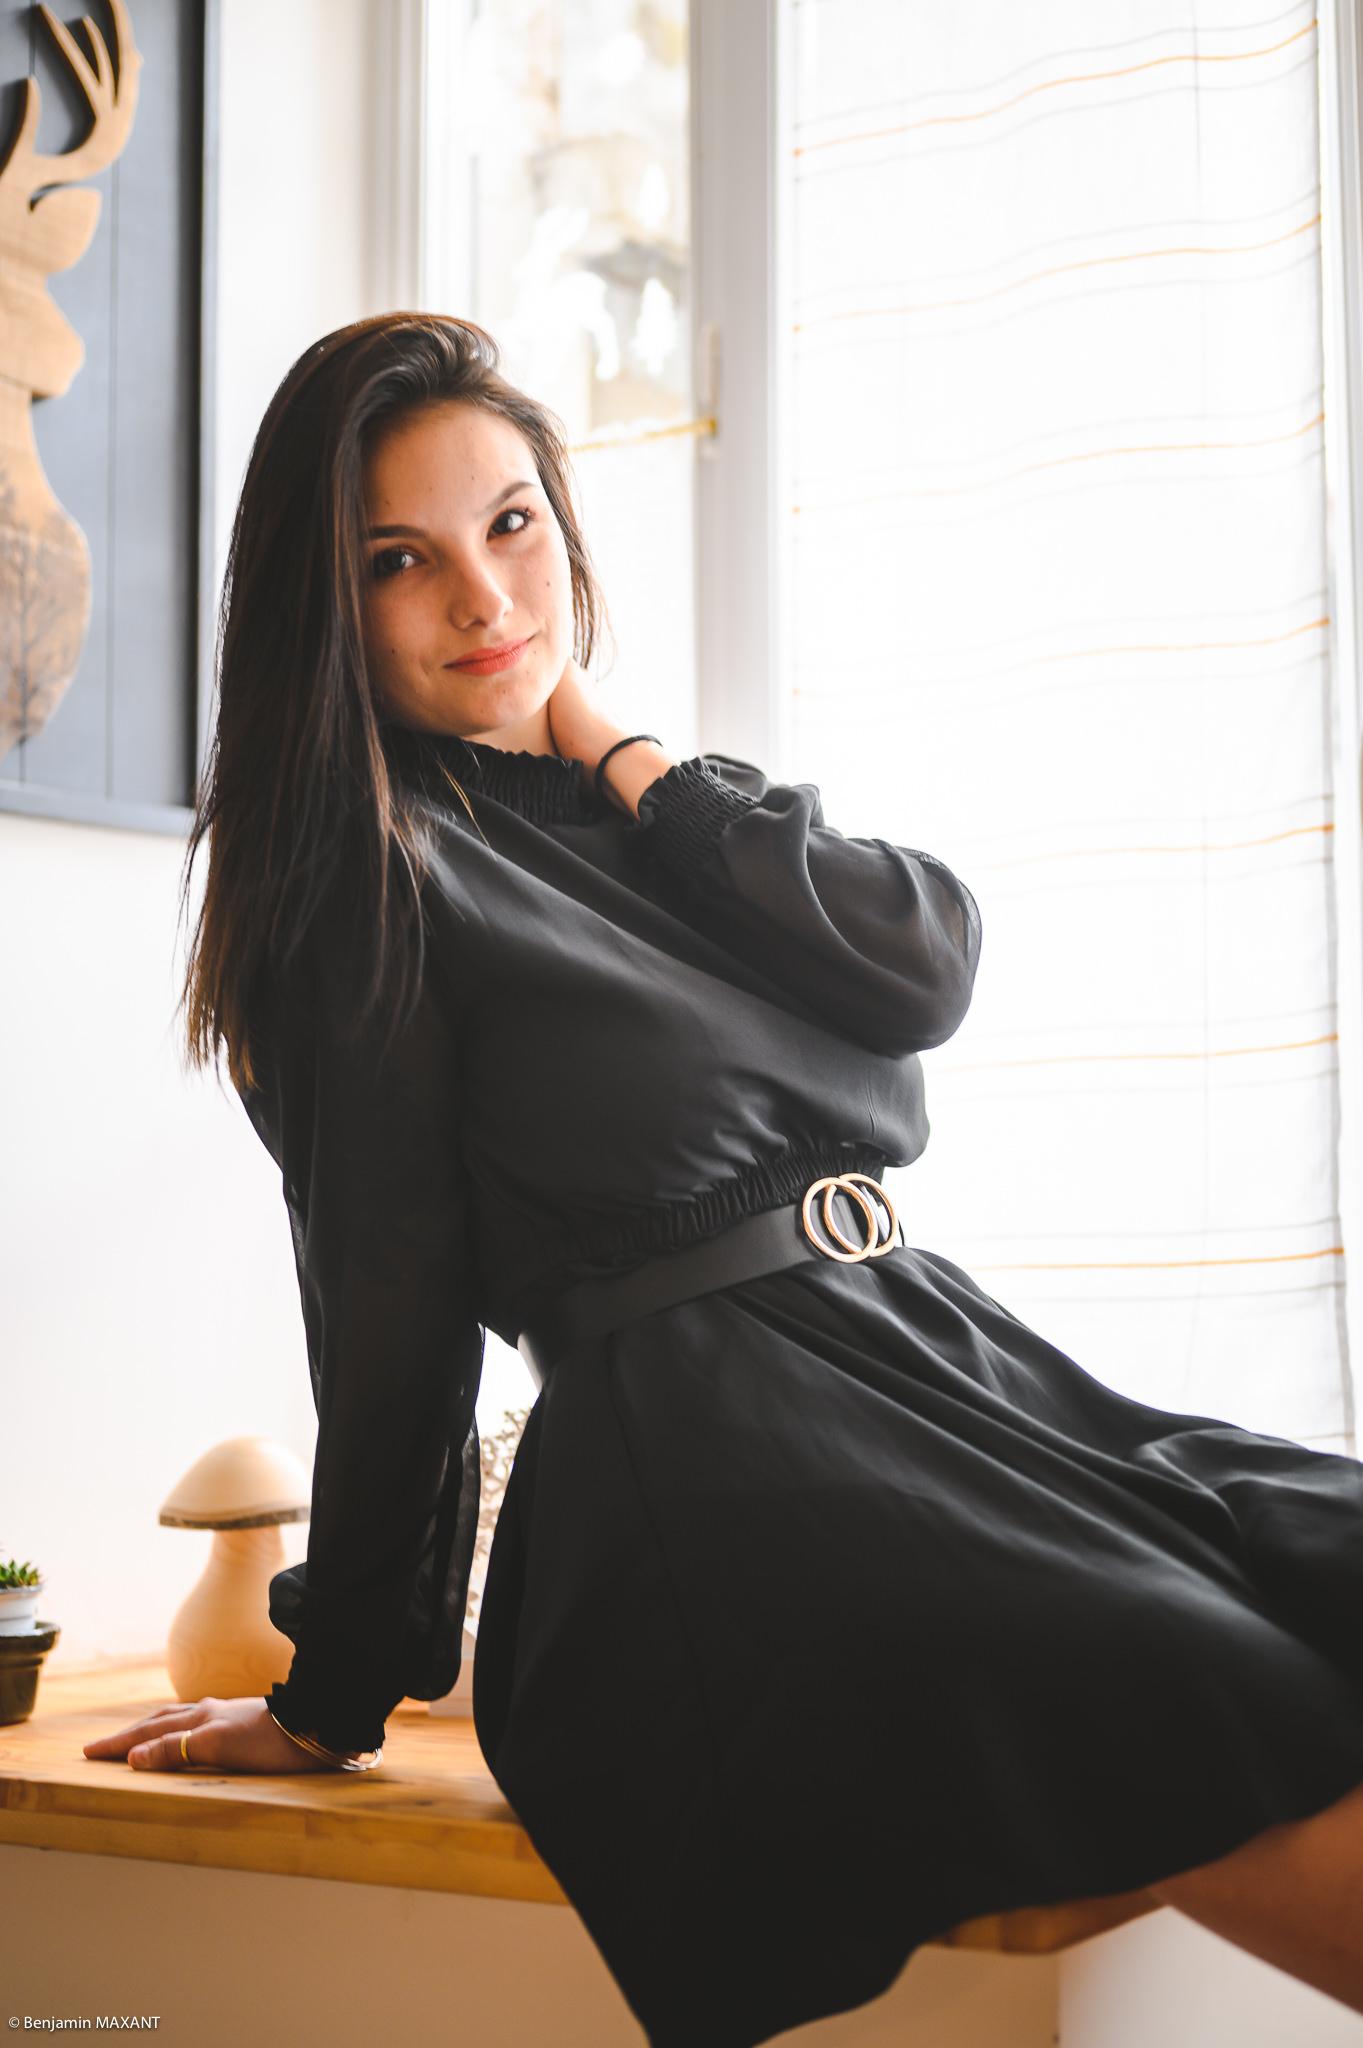 Séance photo boudoir robe noire assise